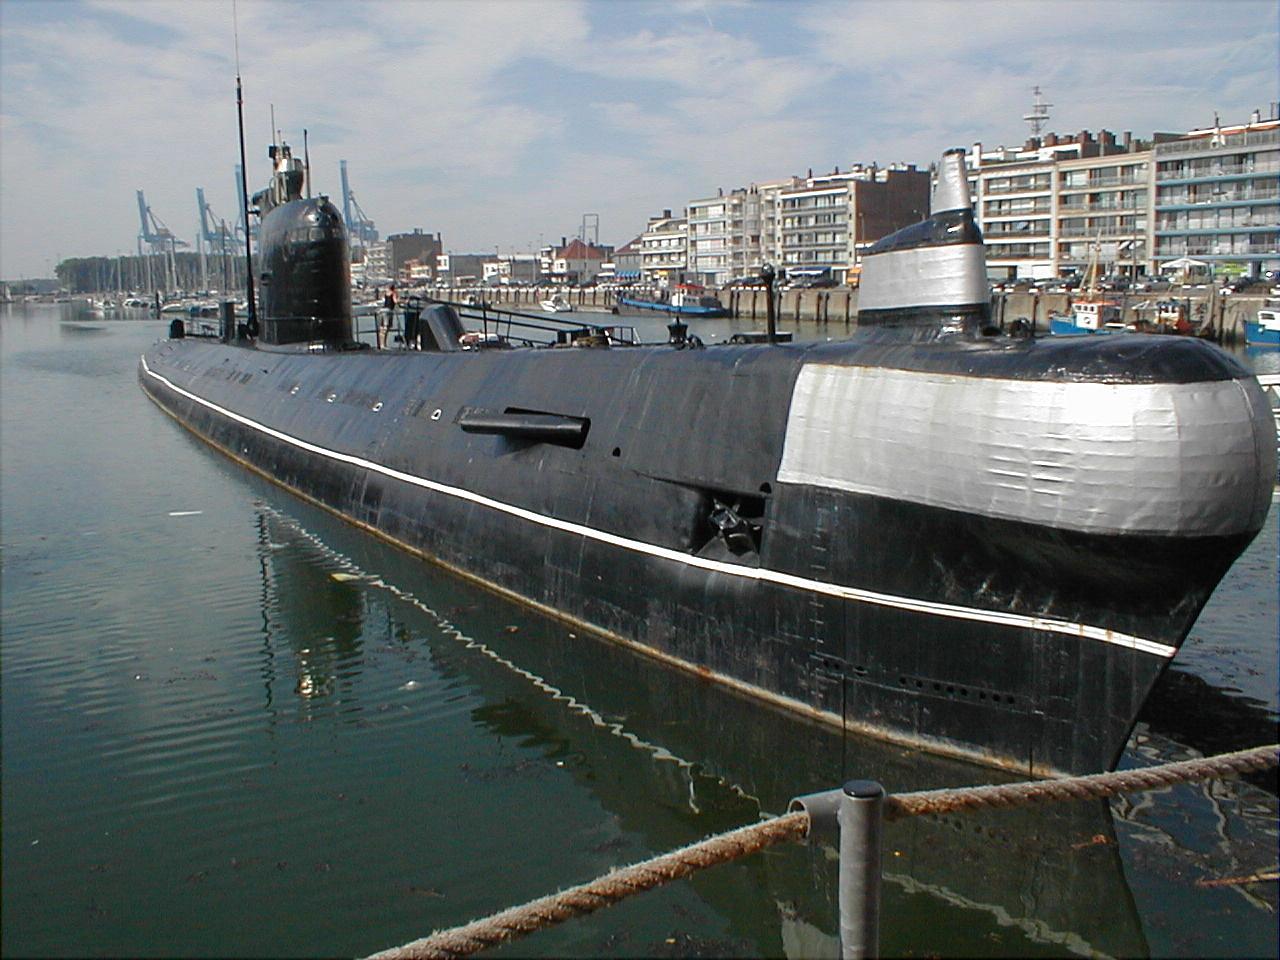 Trop long pour s'adapter : lancement d'un nouveau sous-marin espagnol échoué